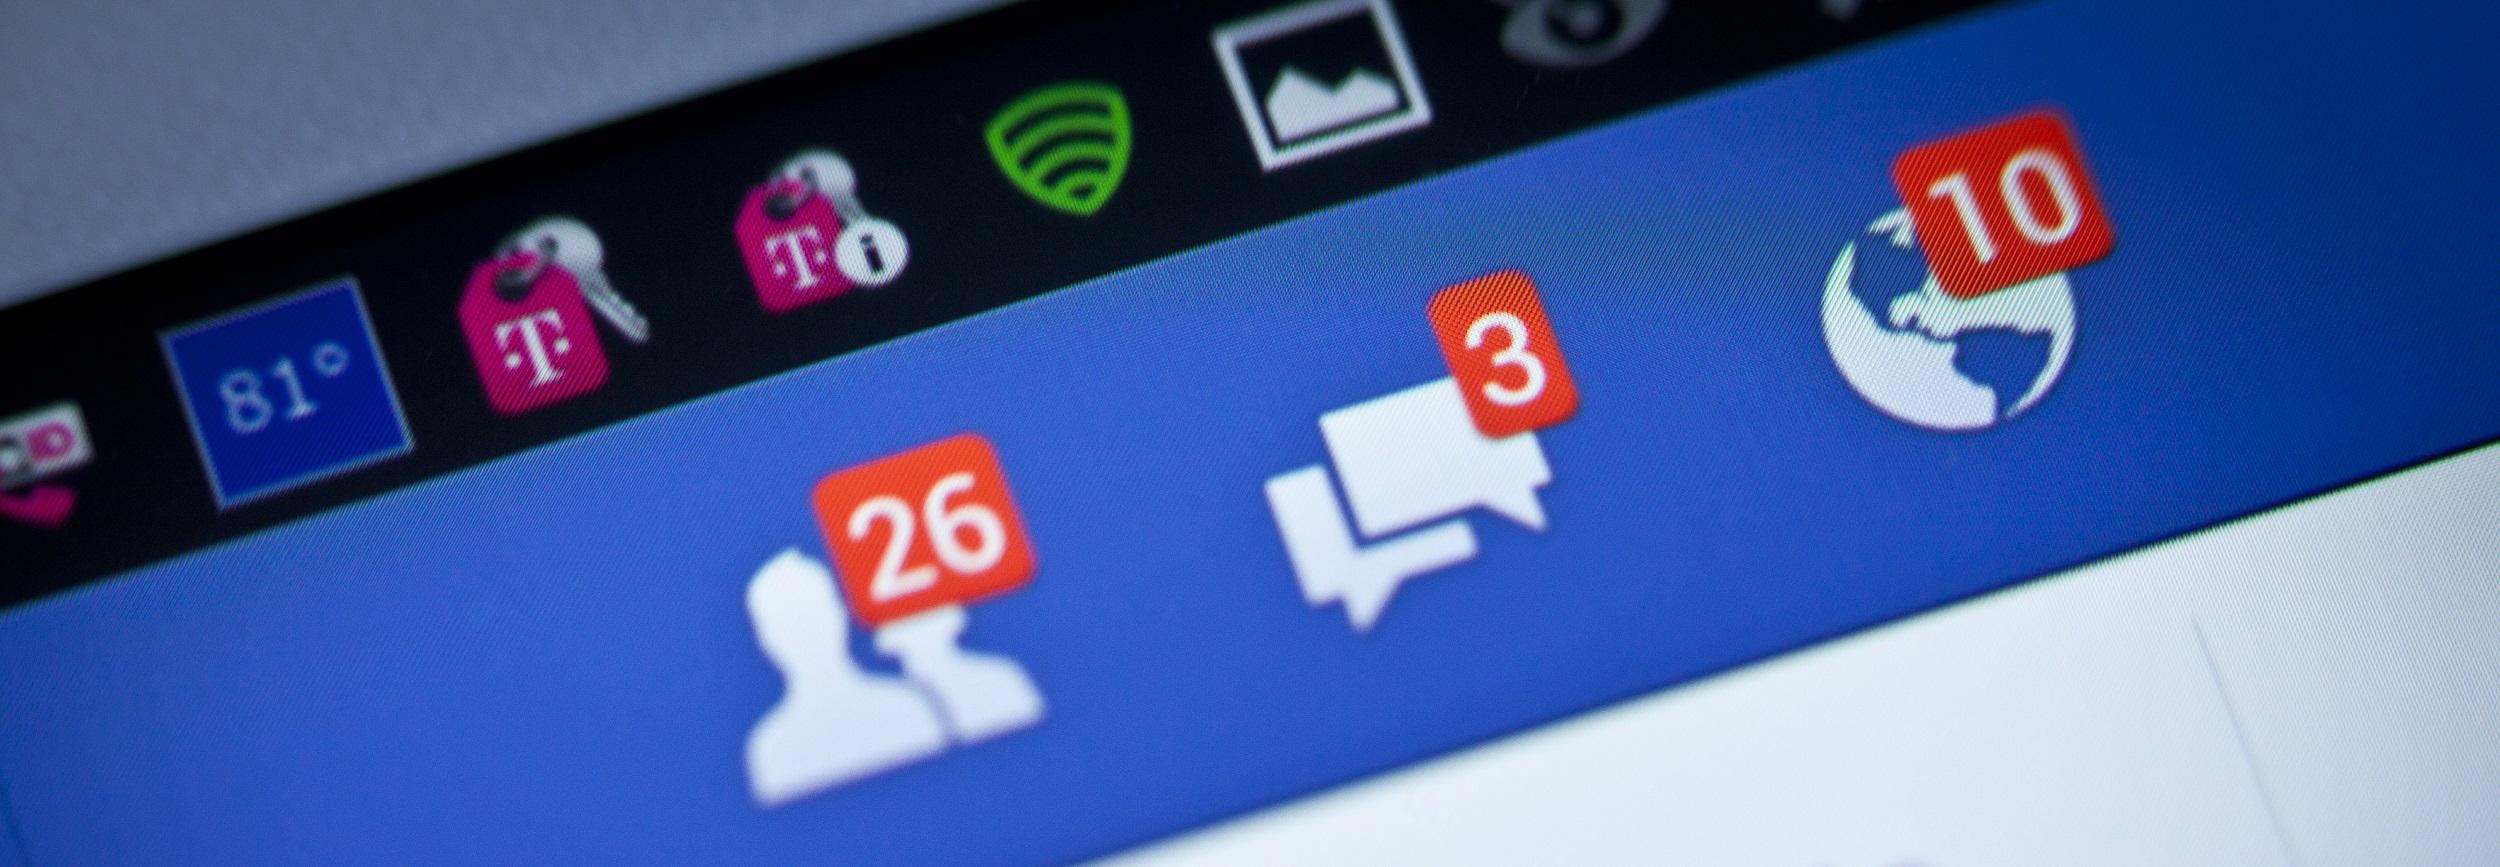 Buy Facebook likes in Pakistan.jpg